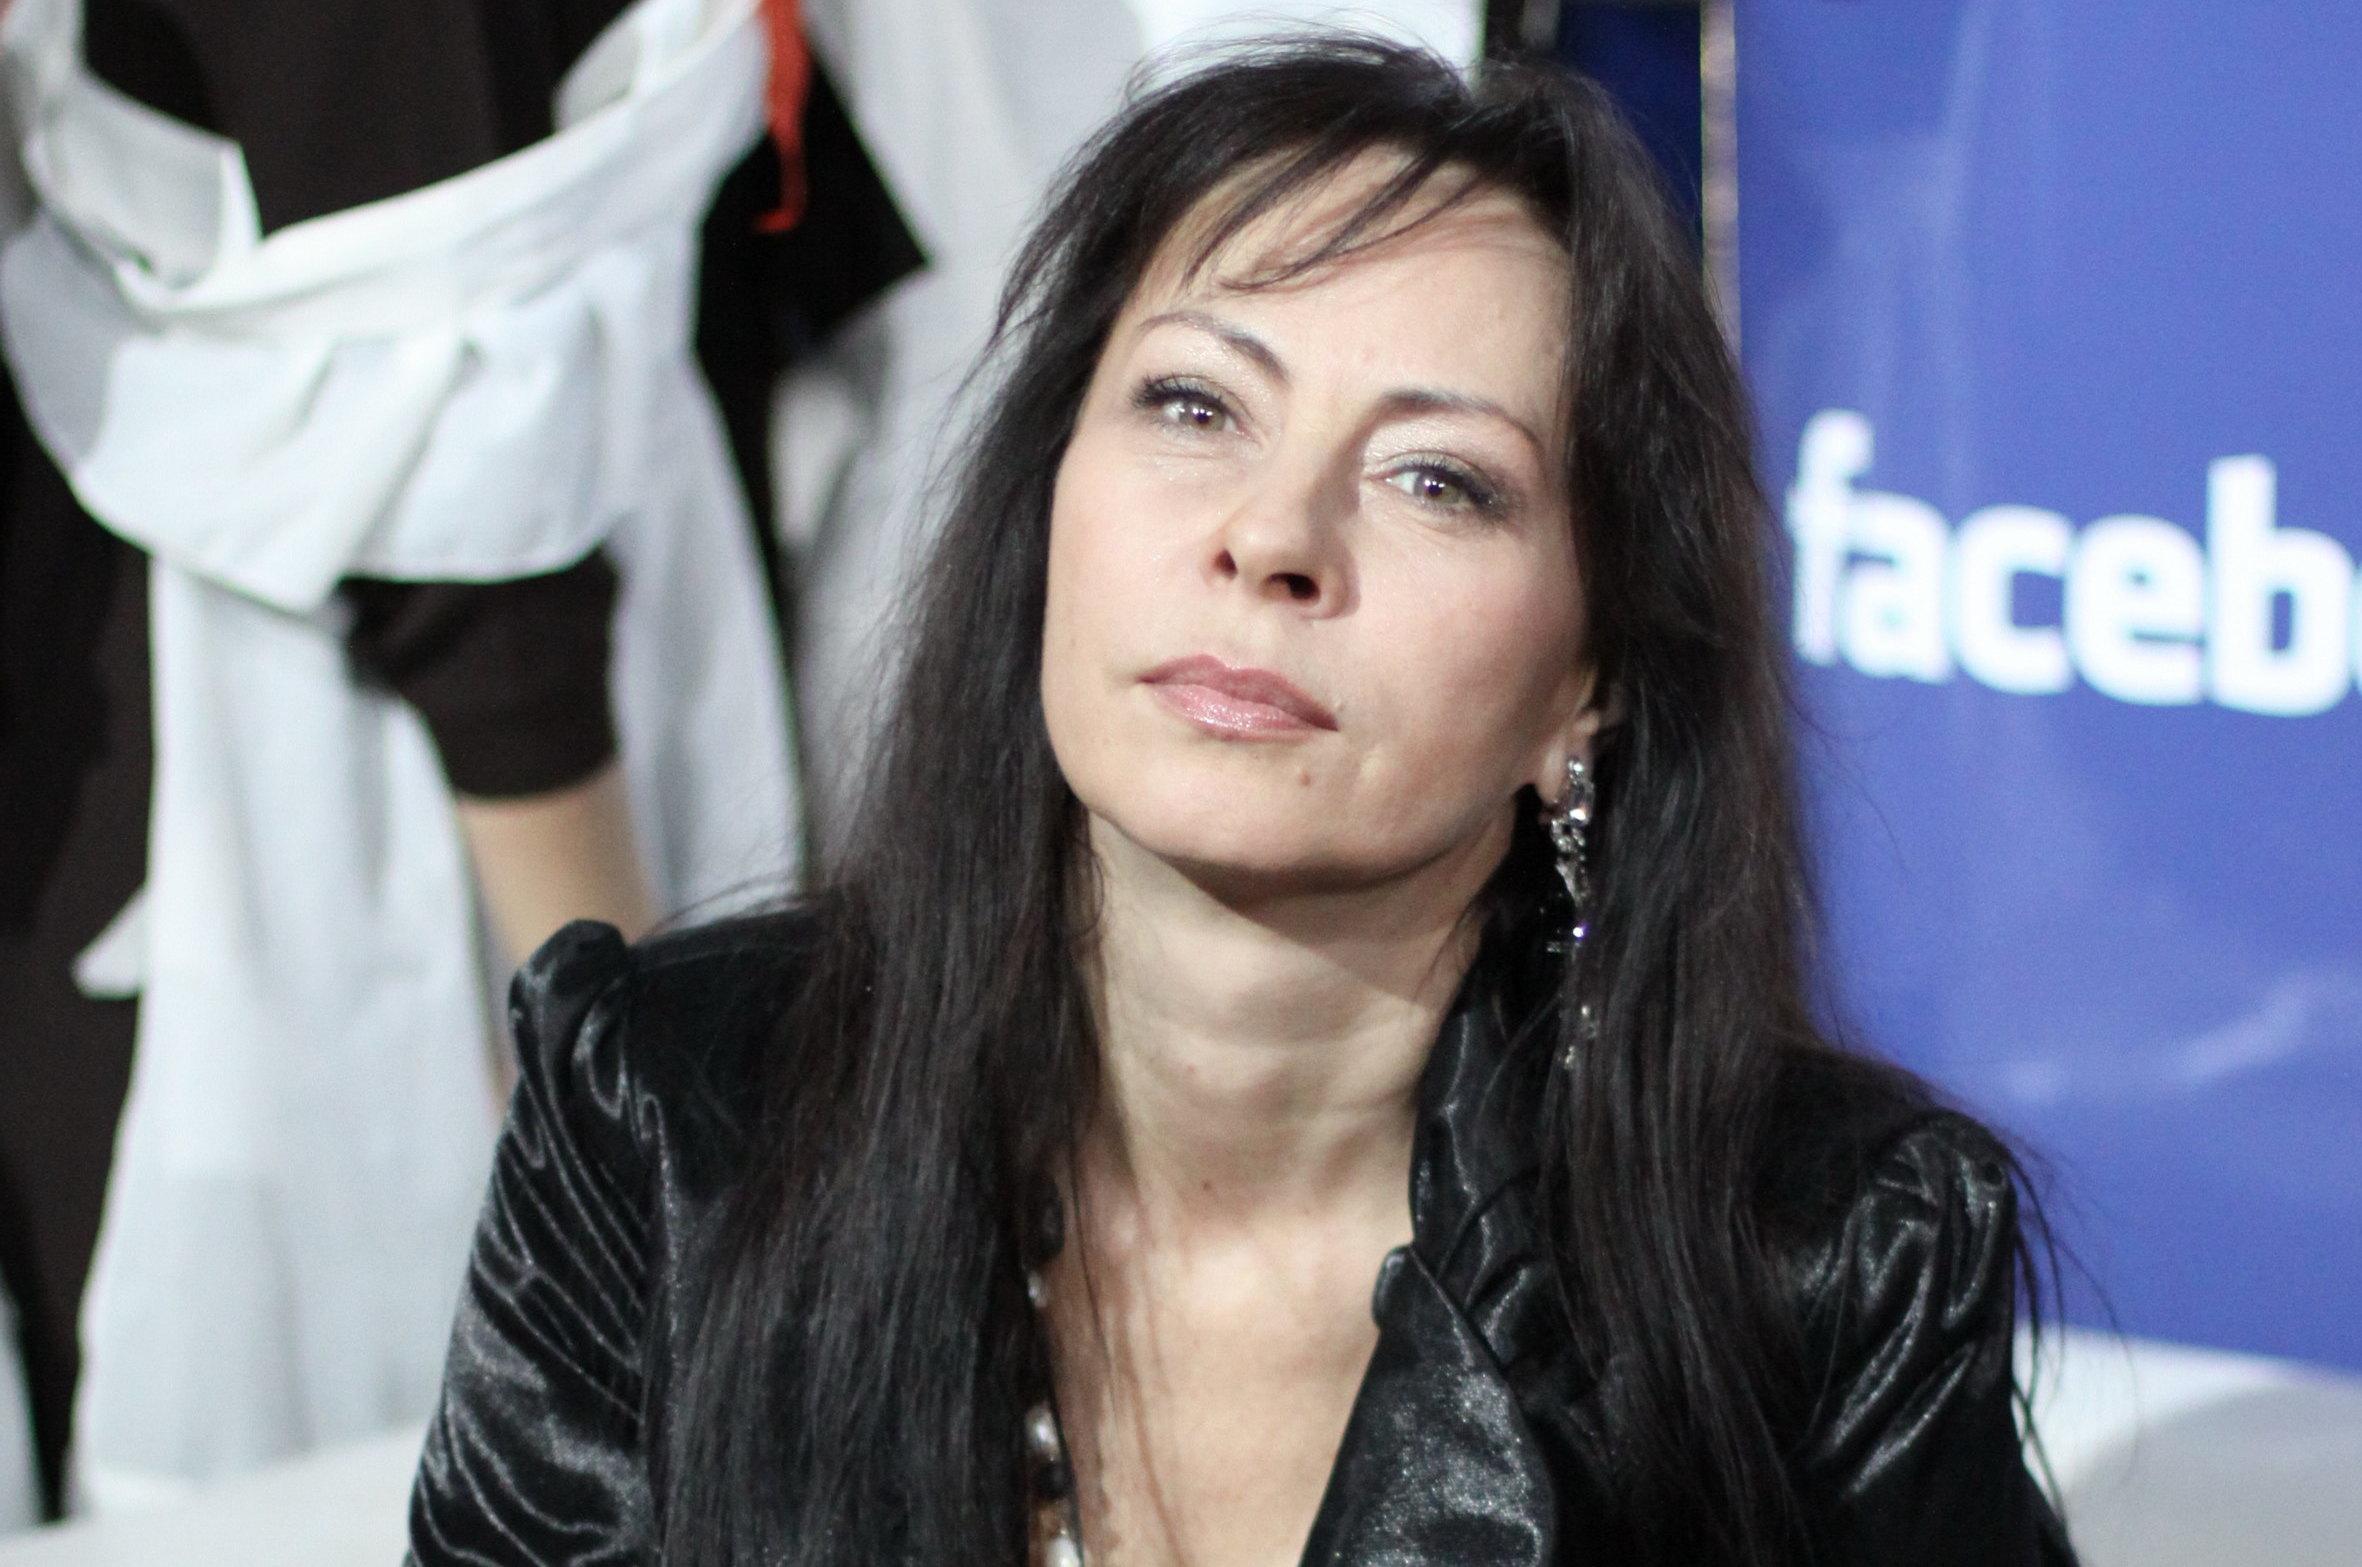 Марина Хлебникова заметно похудела из-за неизлечимой болезни